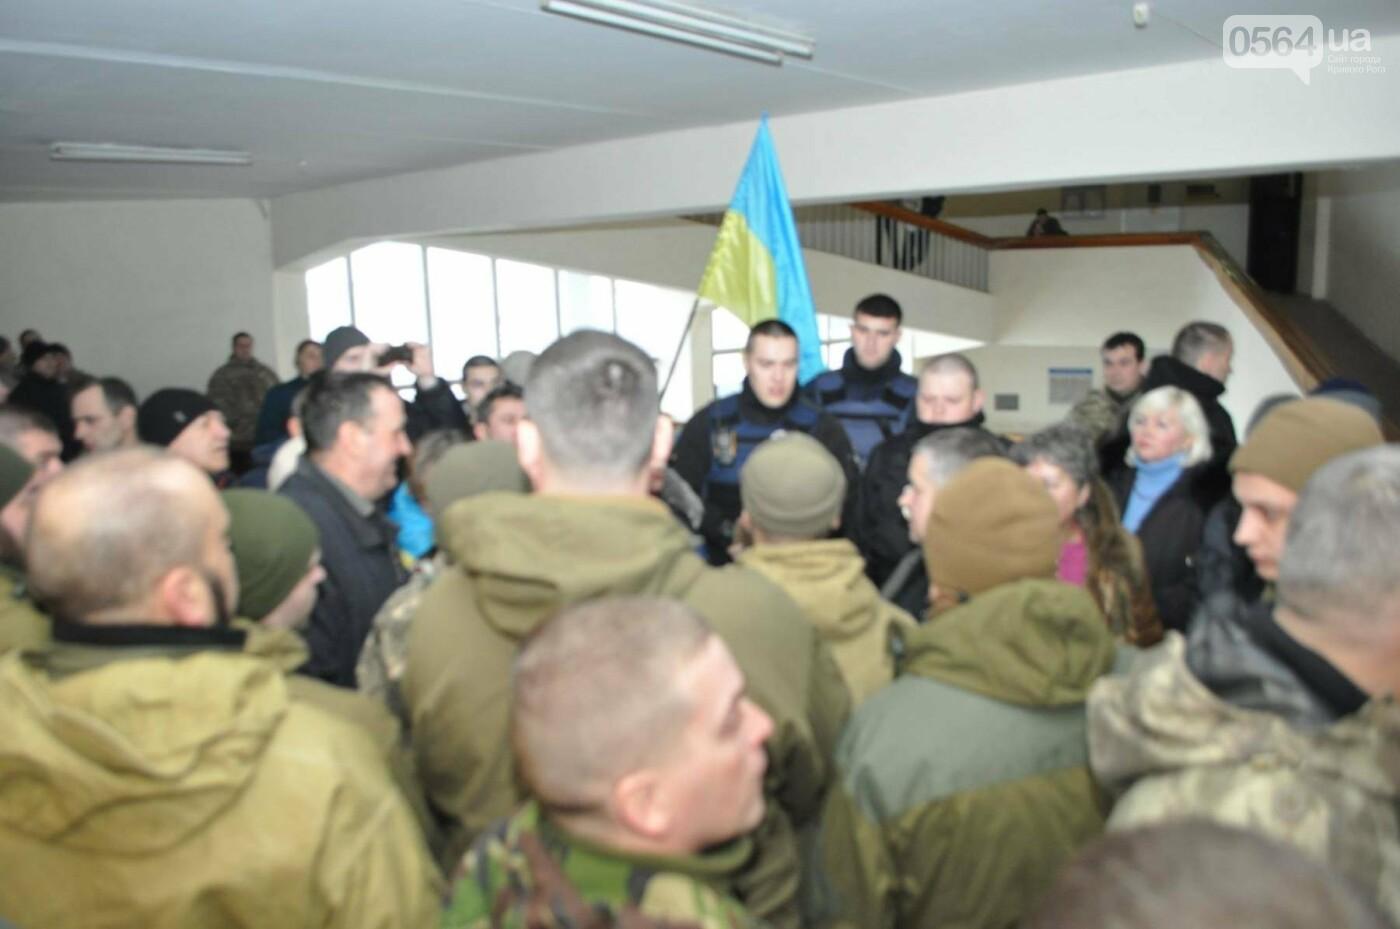 По делу о сбитом ИЛ-76, вместо приговора генералу, суд назначил еще одну экспертизу (ФОТО, ВИДЕО), фото-4